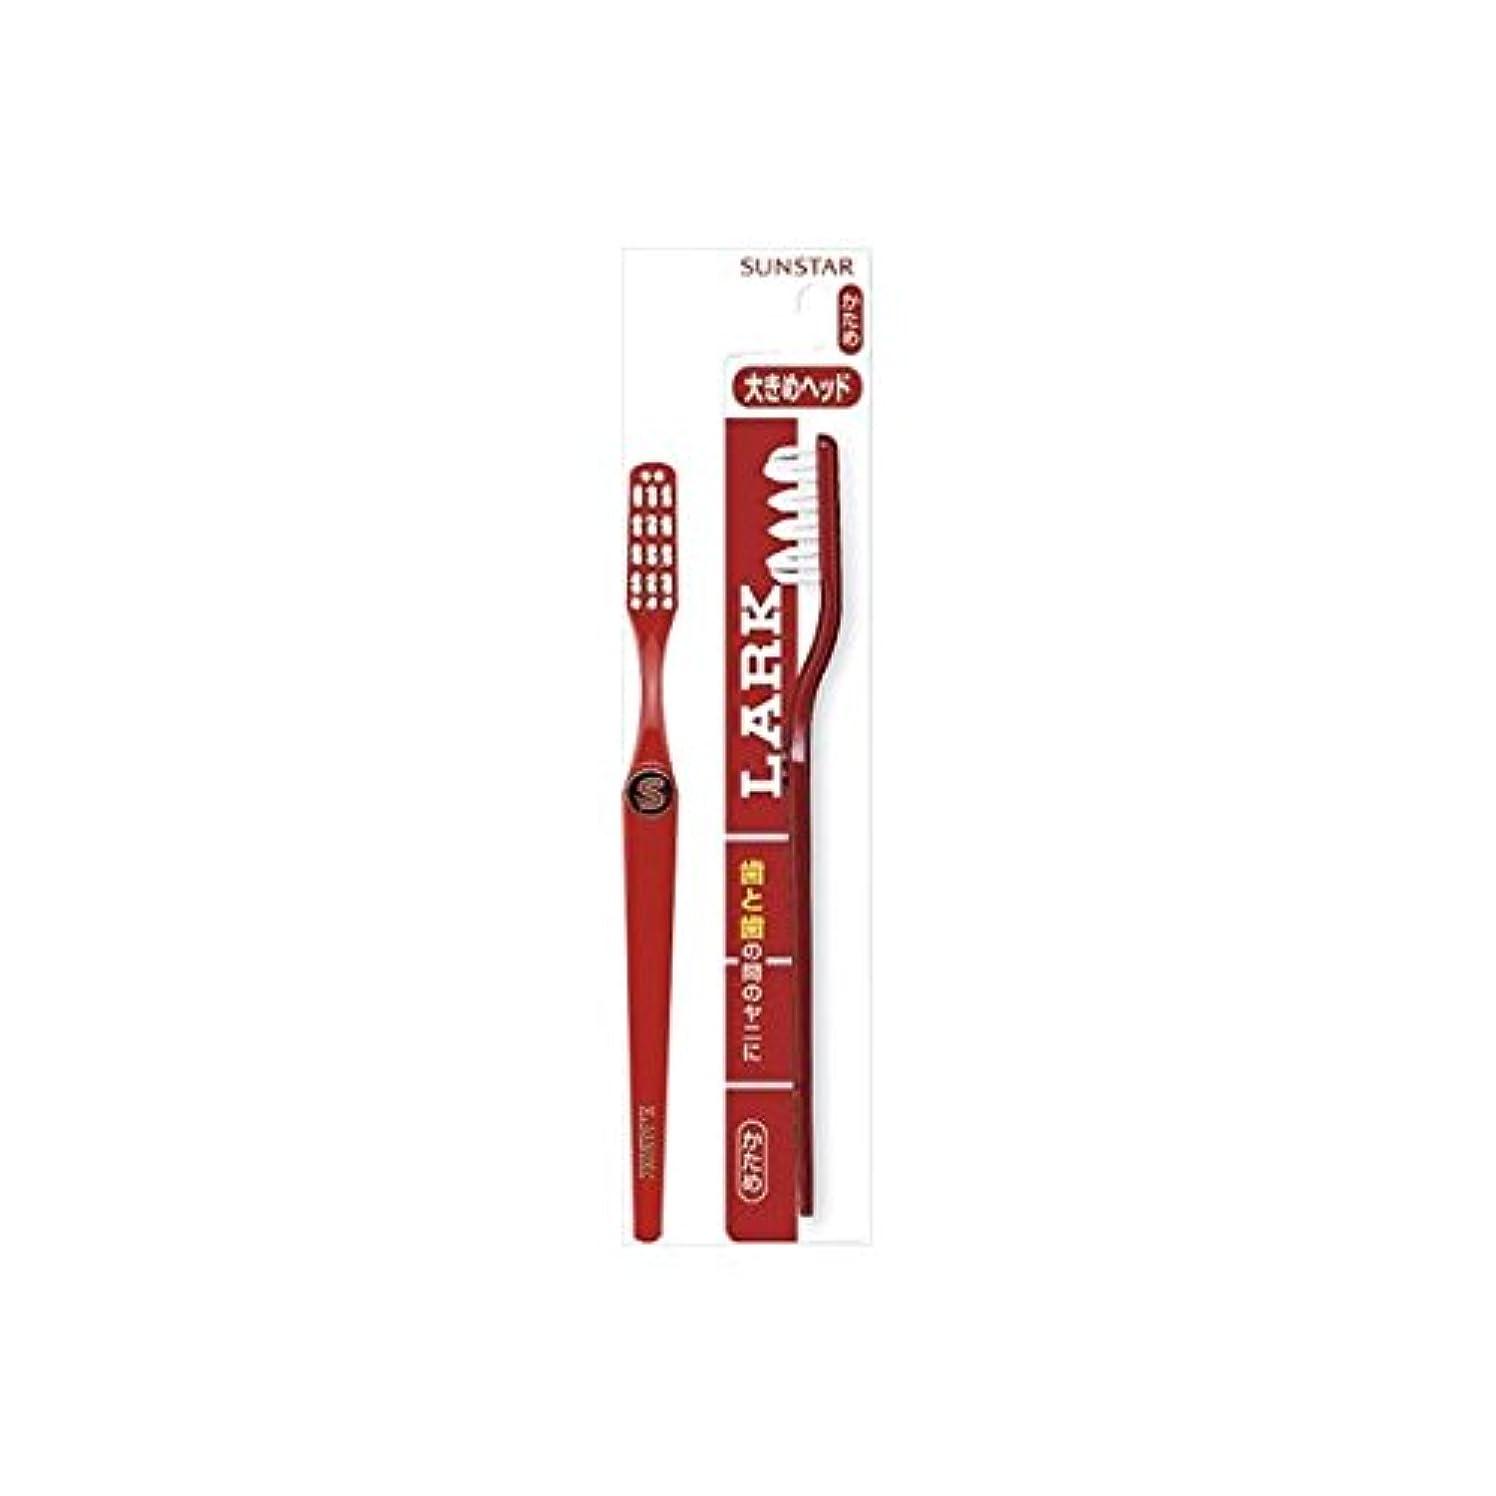 クリスマスなのでラフトサンスター ラーク 歯ブラシ レギュラーヘッド × 6 点セット